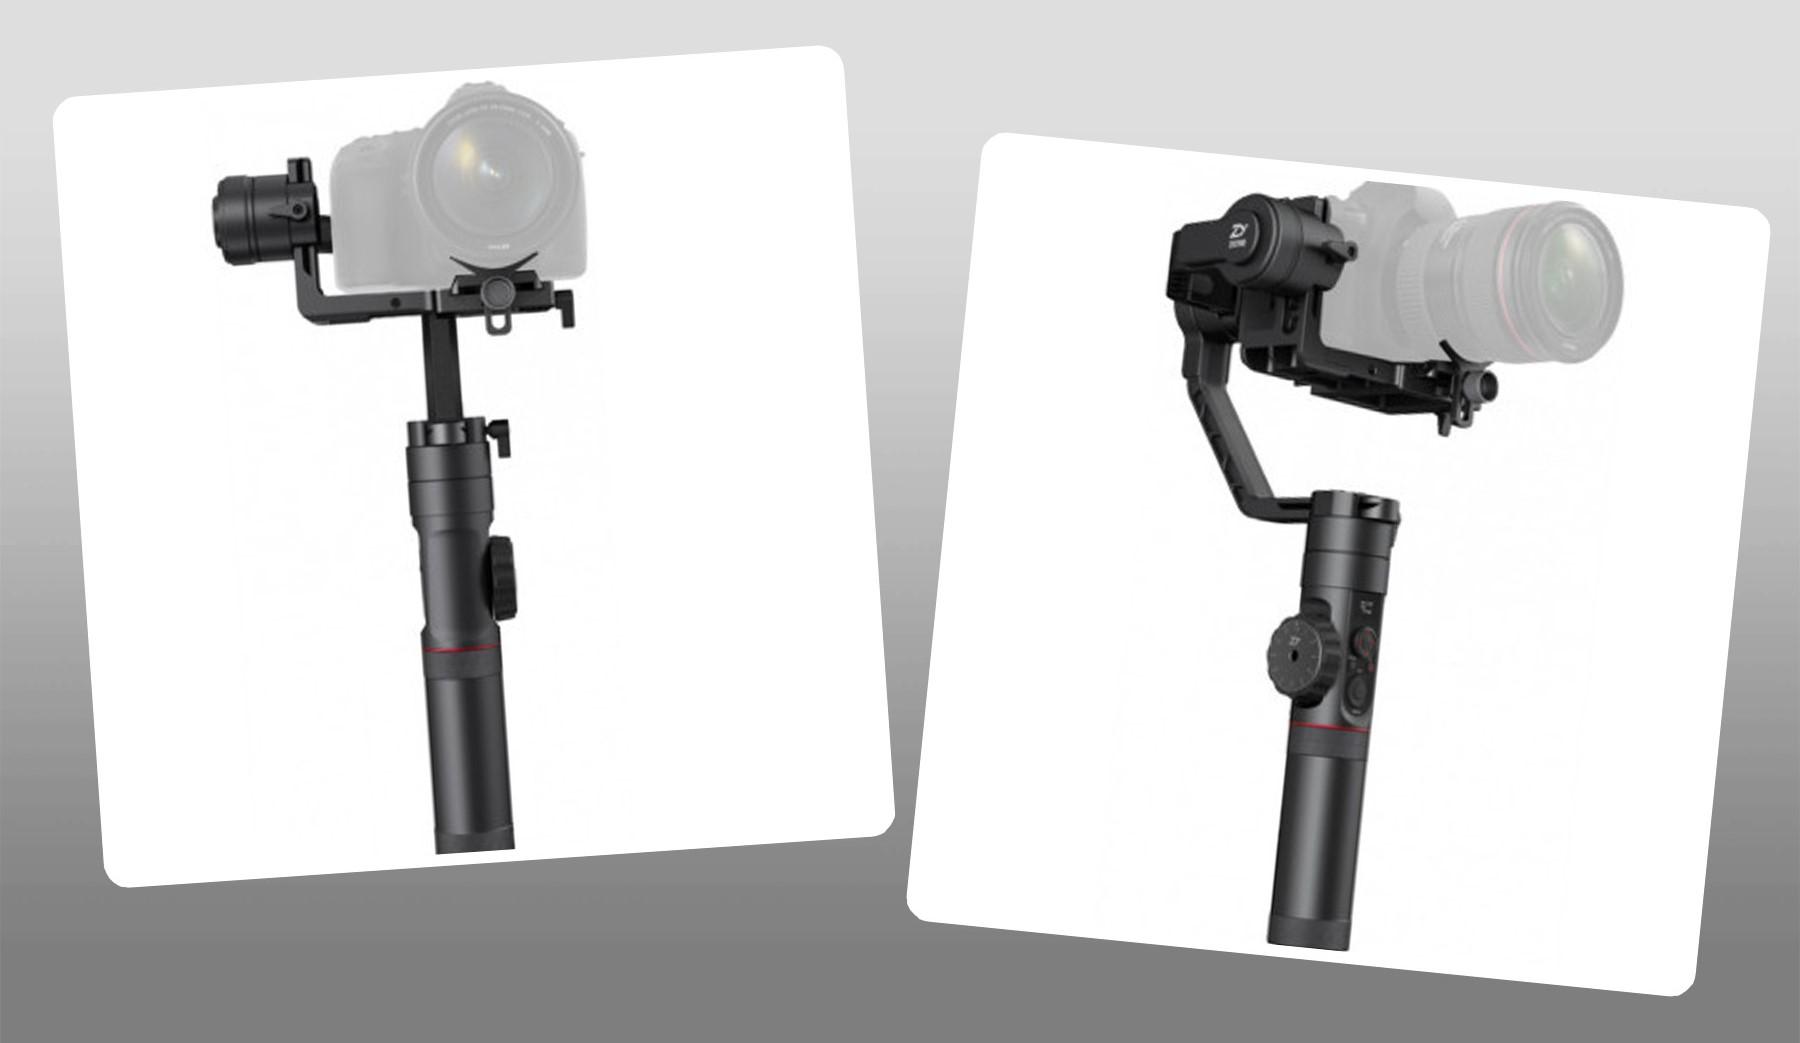 Zhiyuni gimbali Crane 2 tarkvara uuendus toob toe Nikoni kaameratele ja 2 uut töörežiimi